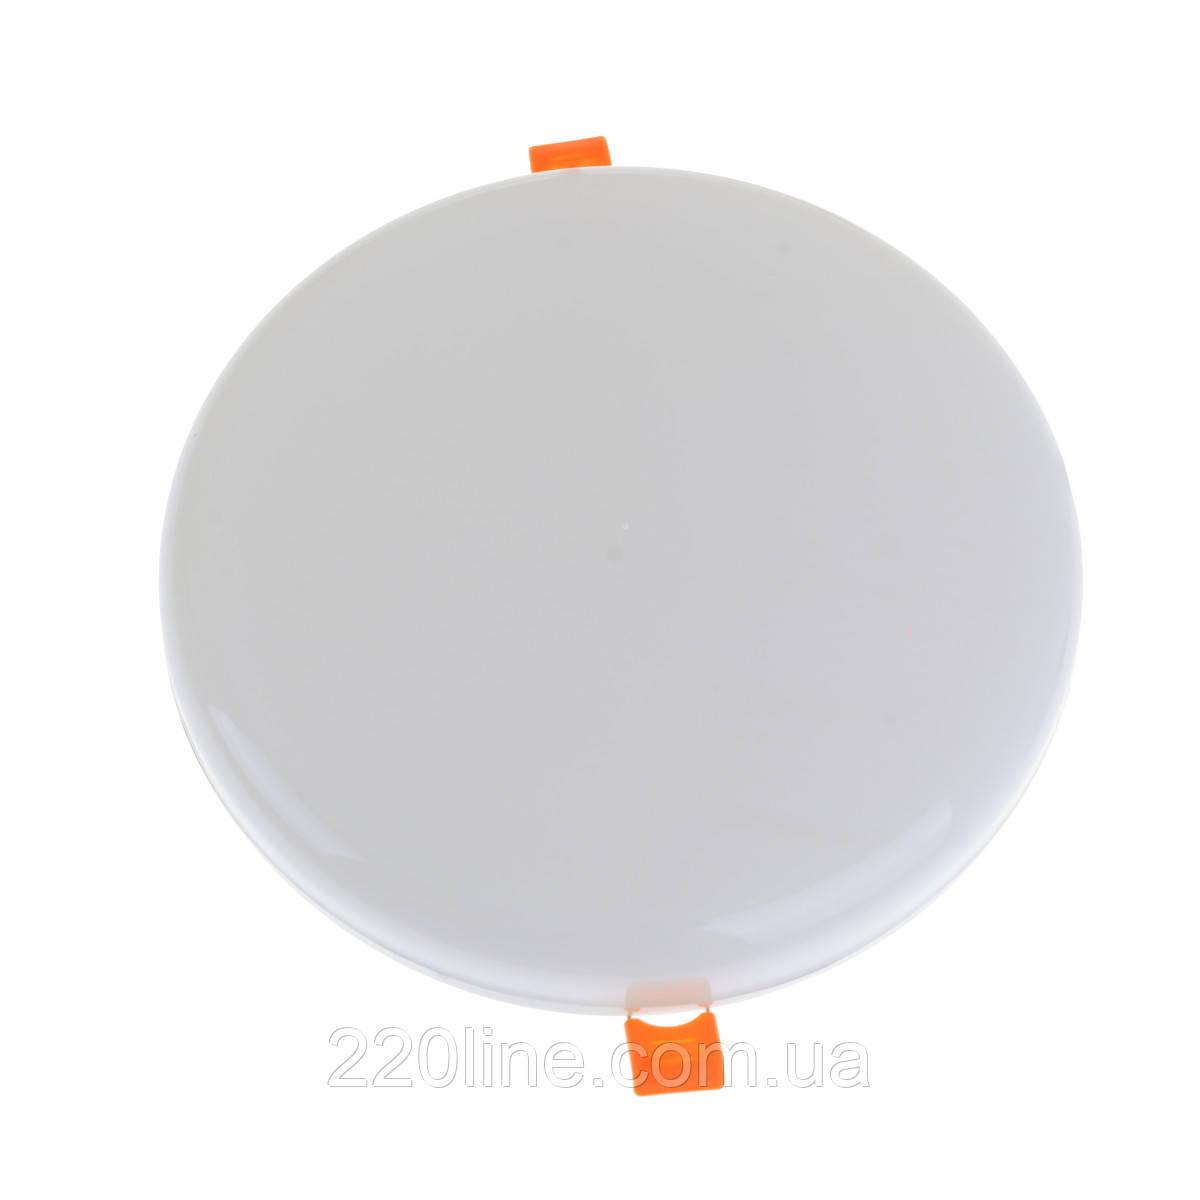 Светильник потолочный встроенный светодиодный LED-47/36W CW led